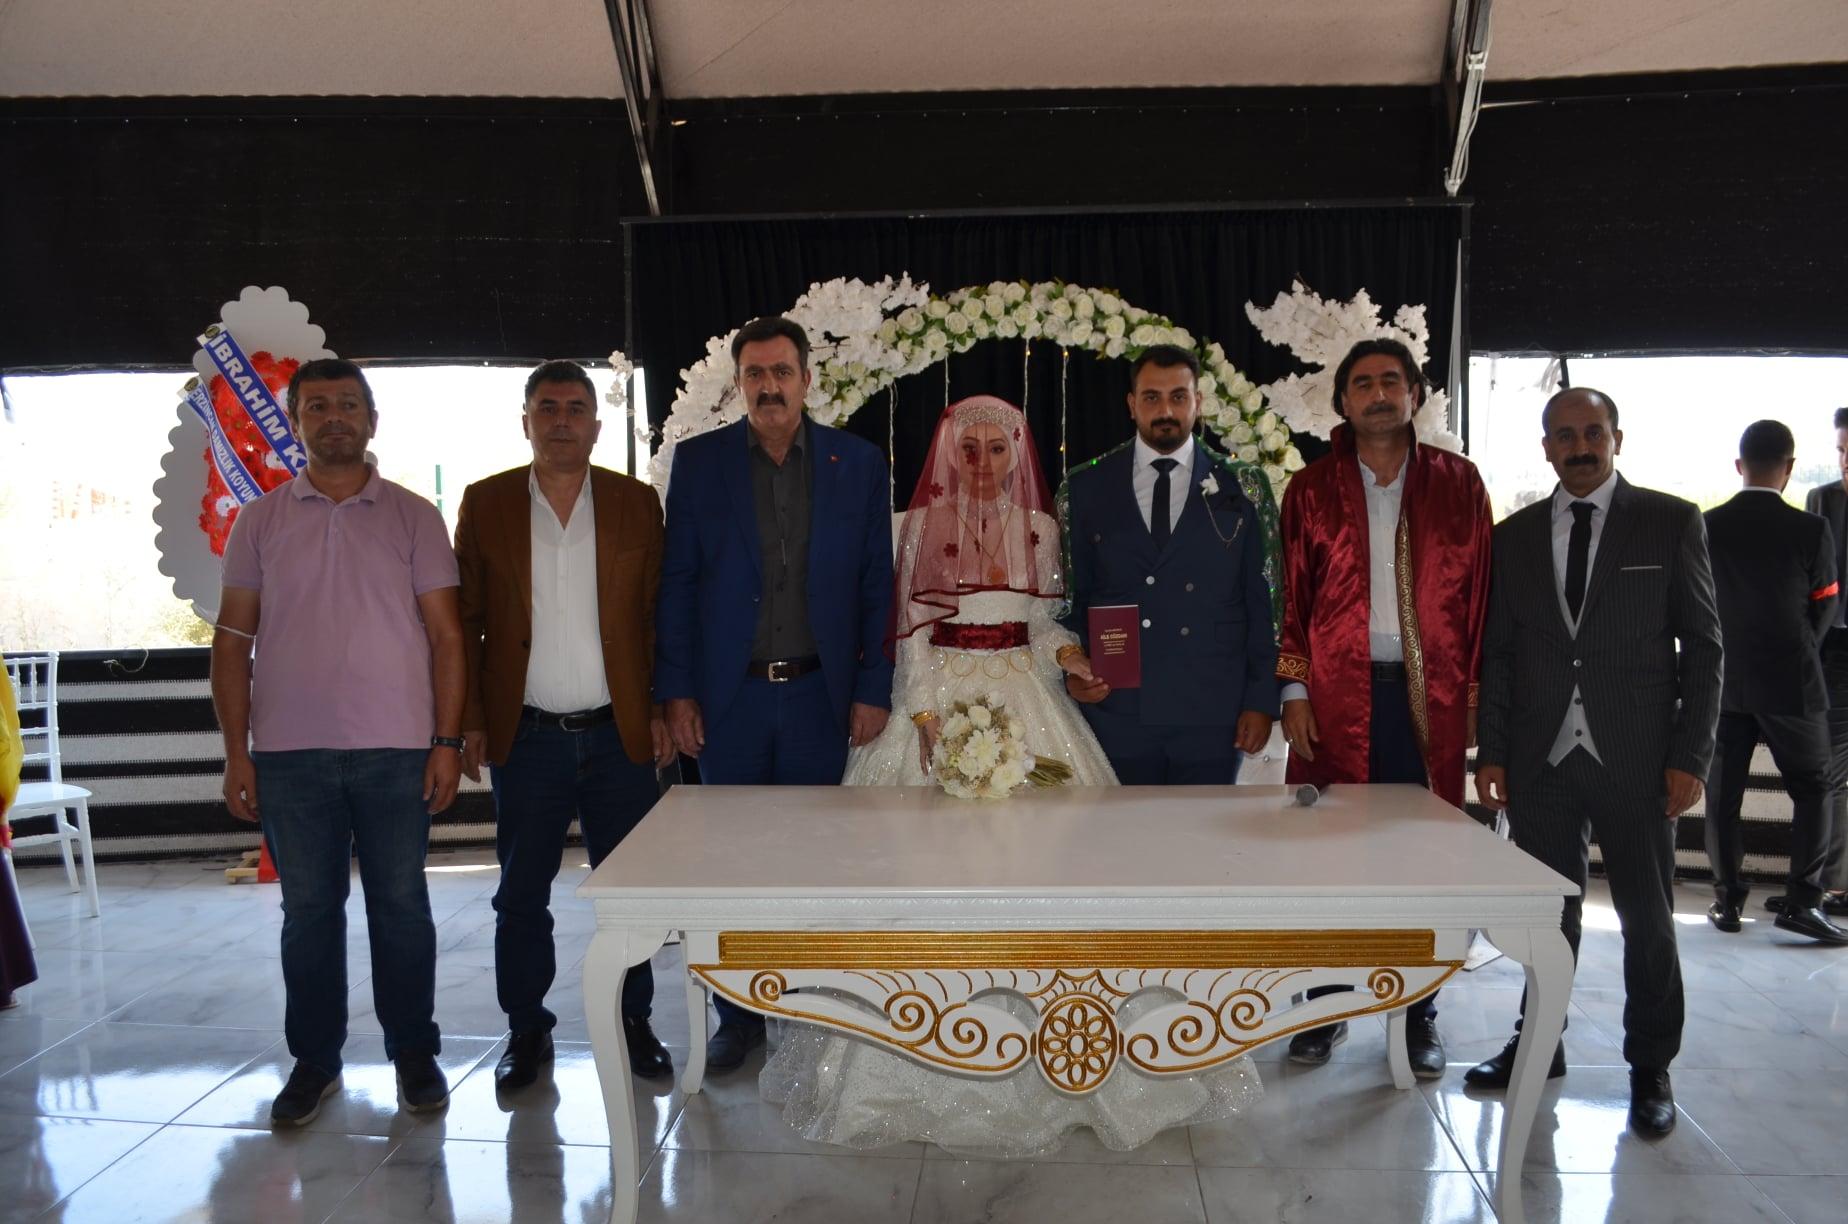 Bir Servet Samancı ve Mehmetnuri Samancı dahil 7 kişi, ayakta duran insanlar ve iç mekan görseli olabilir